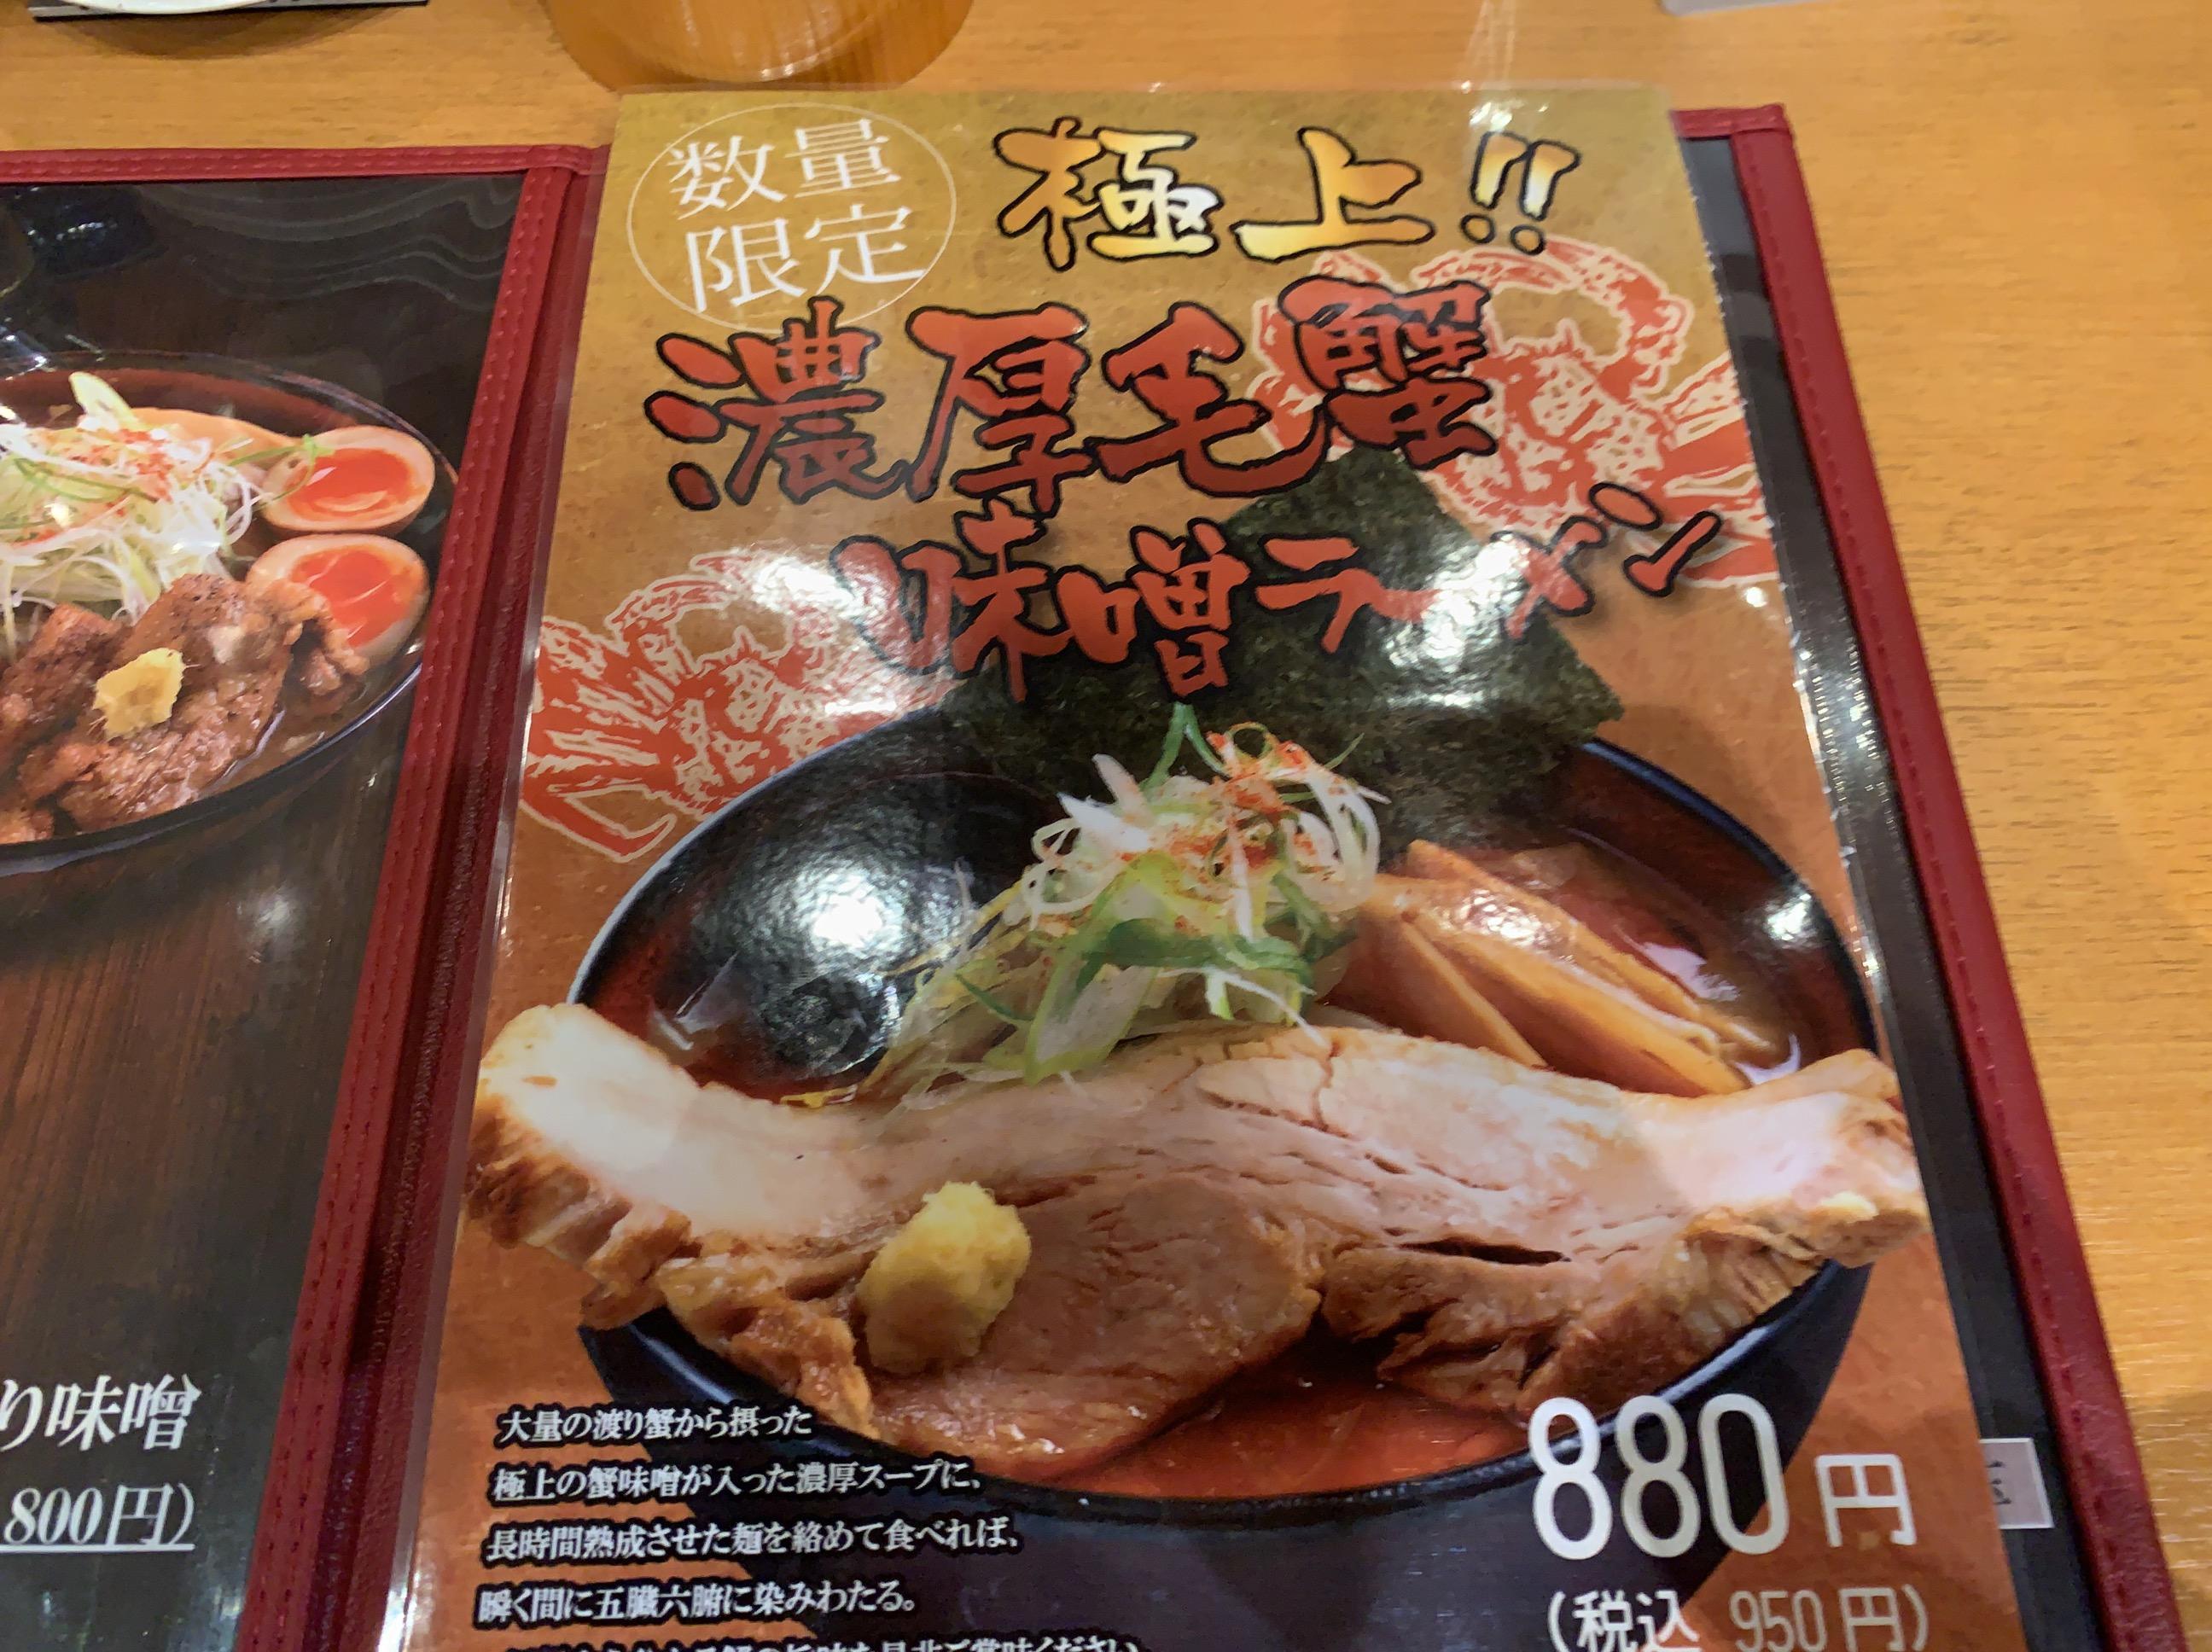 【上尾市 ラーメン】新店「一期一会札幌みその」に行ってきた!